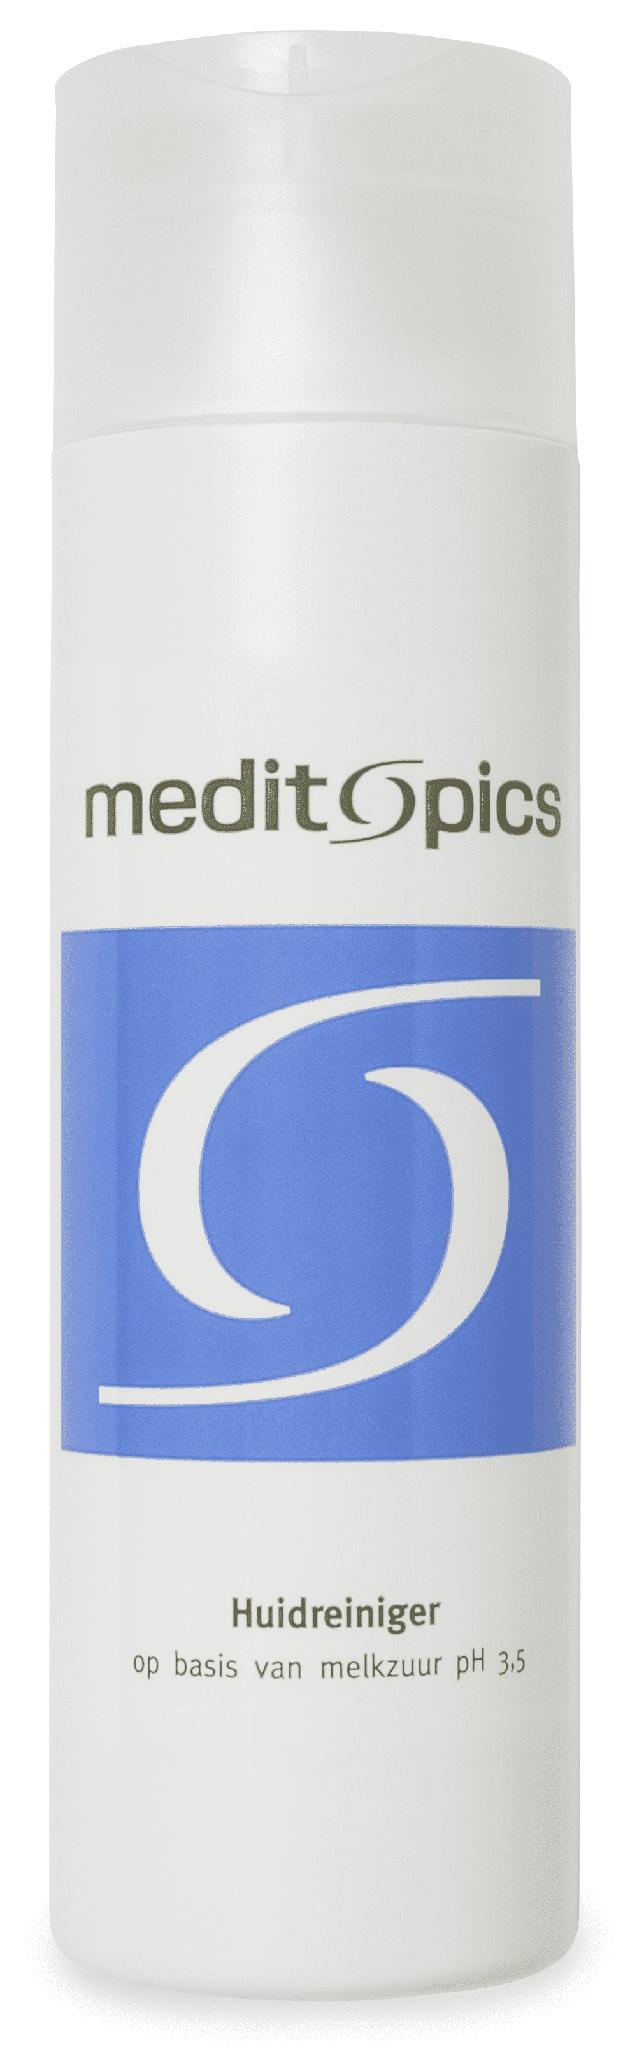 Meditopics Huidreiniger Op Basis Van Melkzuur Ph 3,5